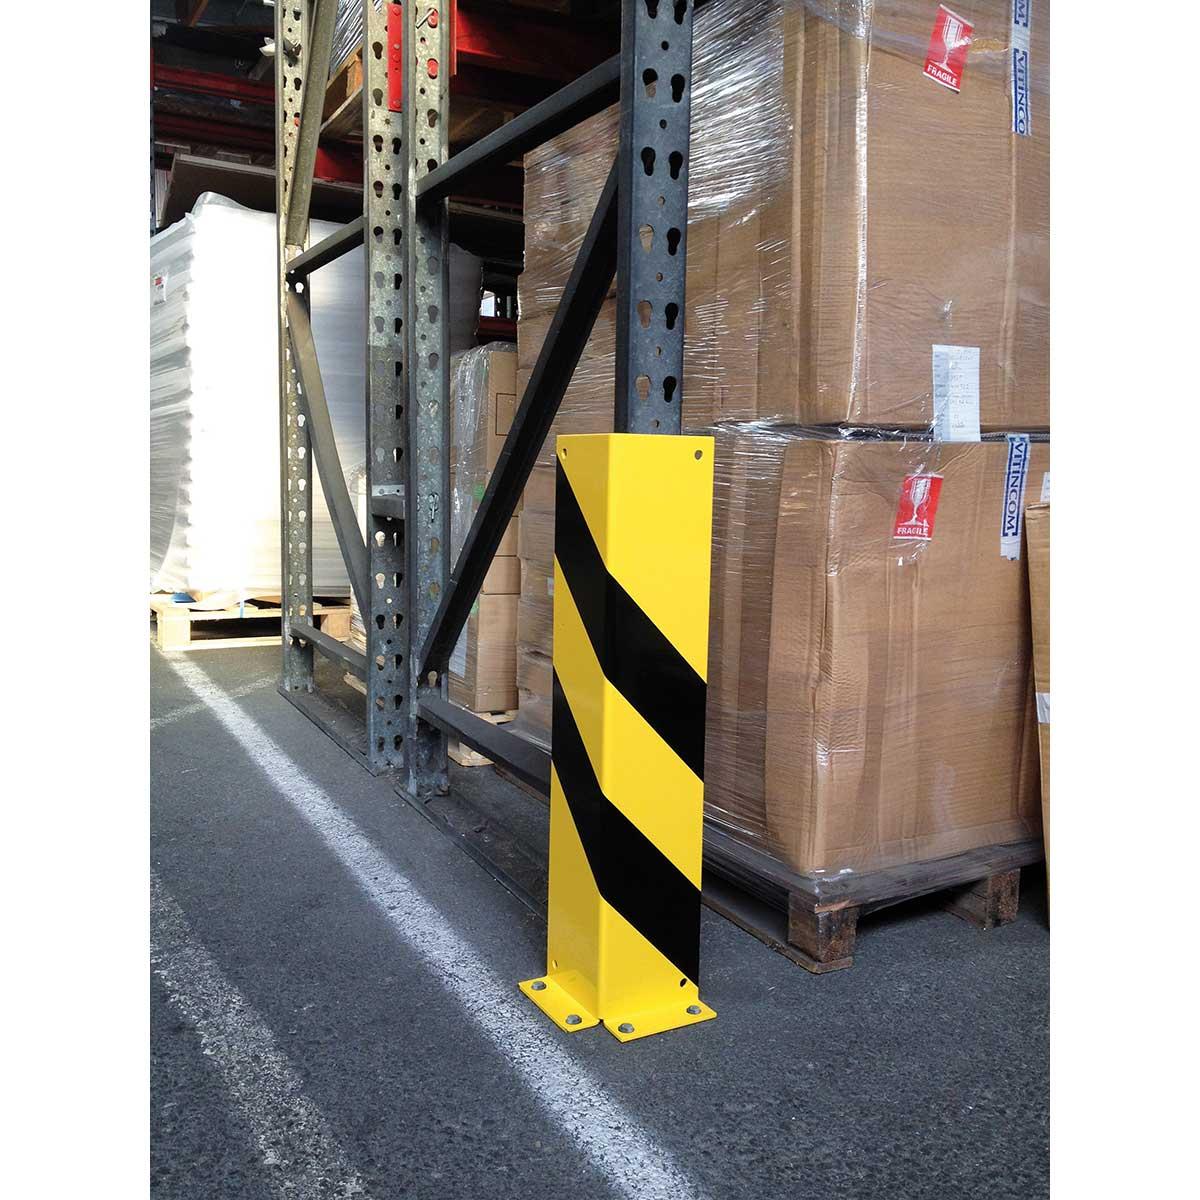 Protecciones en ángulo para estanterías, columnas, tuberías...